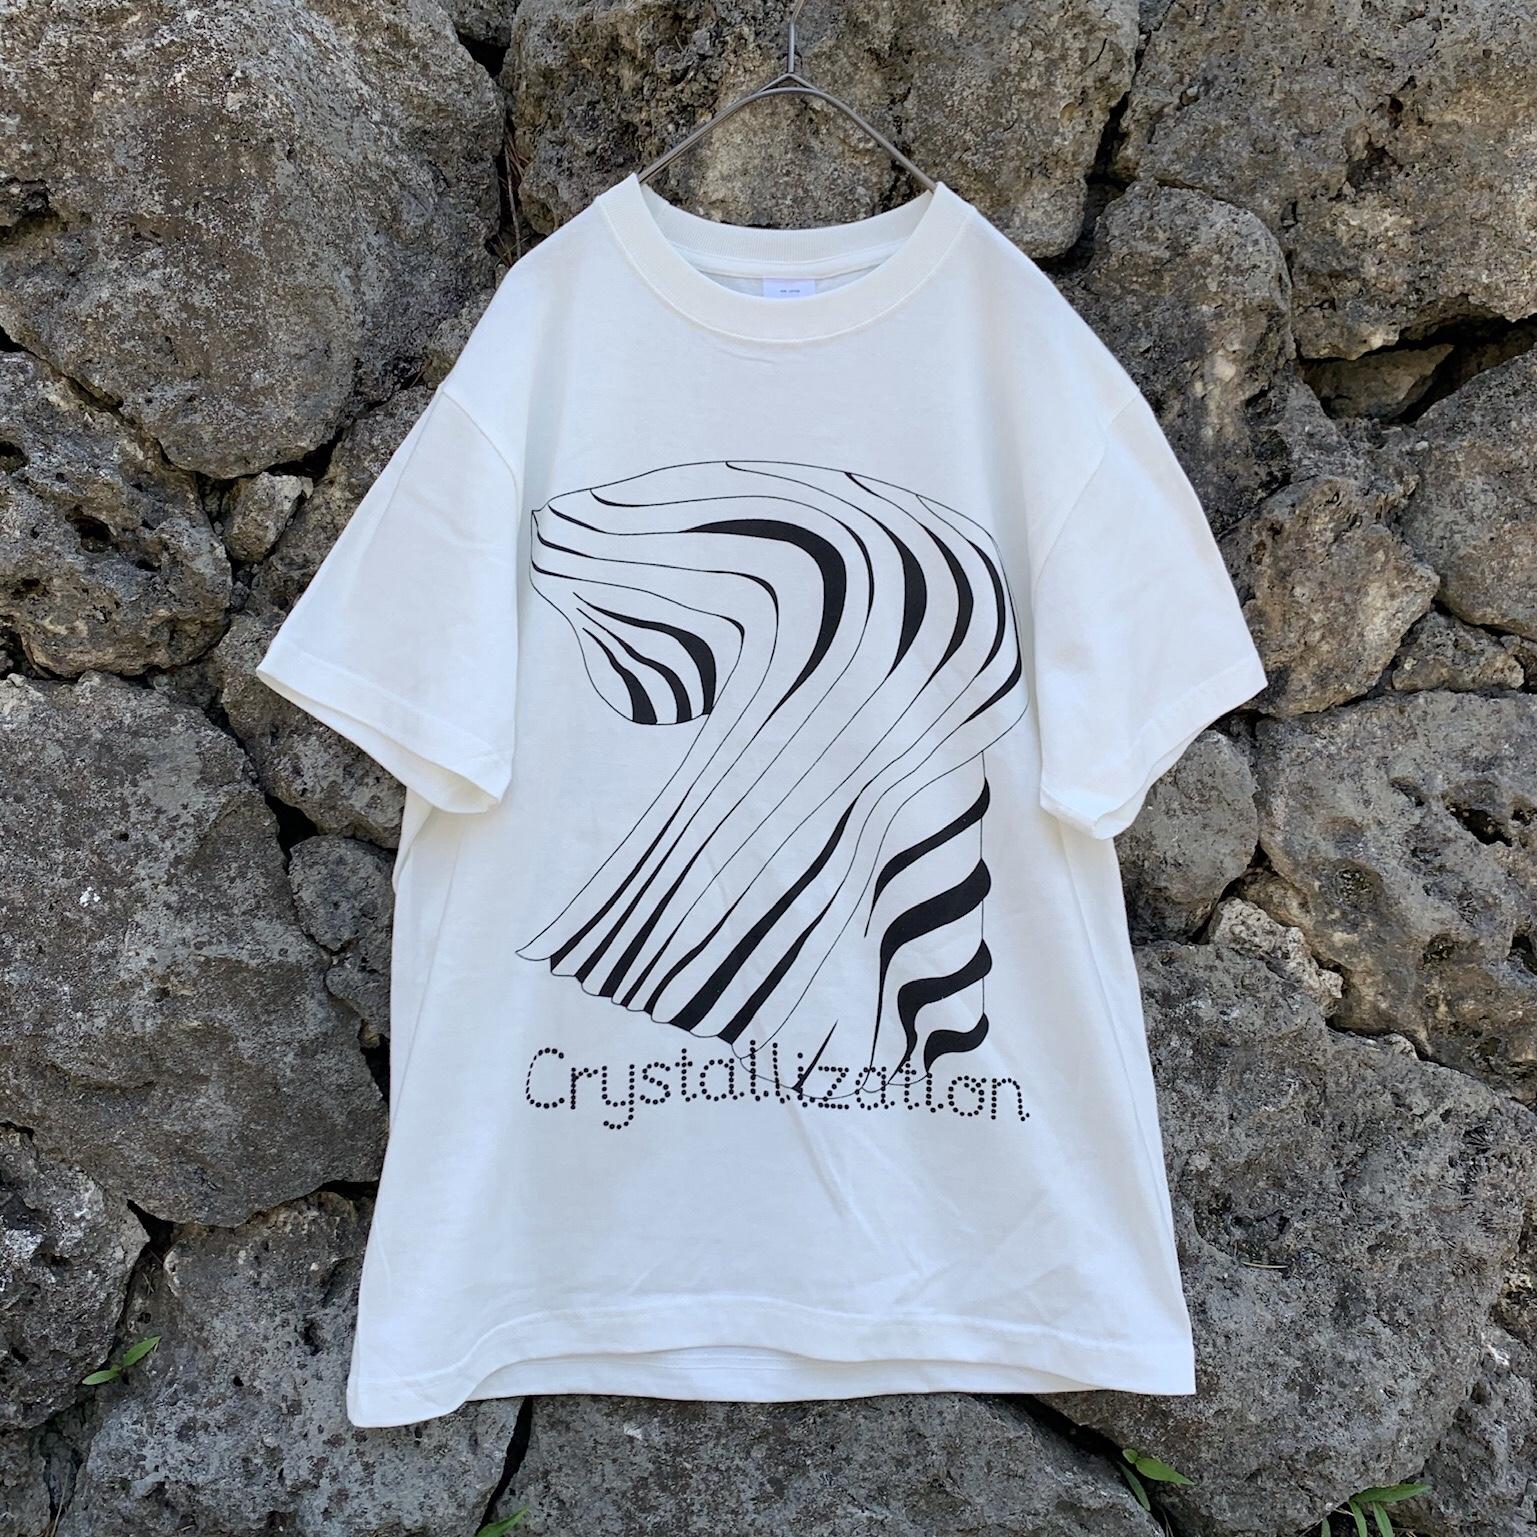 2021 新作T-shirtを入荷しました。